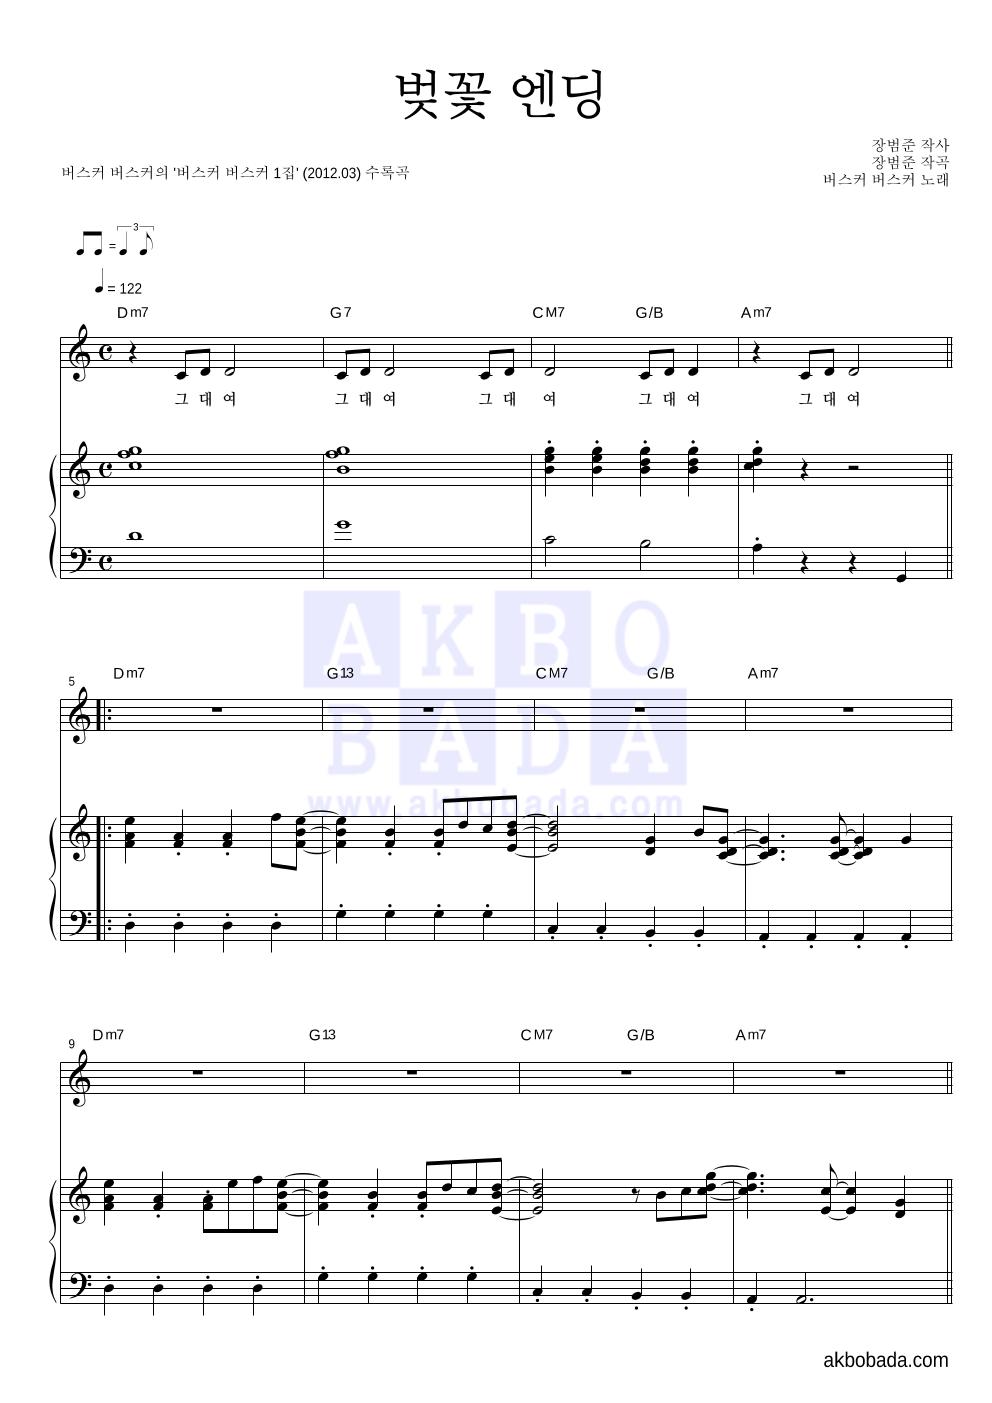 버스커 버스커 - 벚꽃 엔딩 멜로디 + 셀피 악보